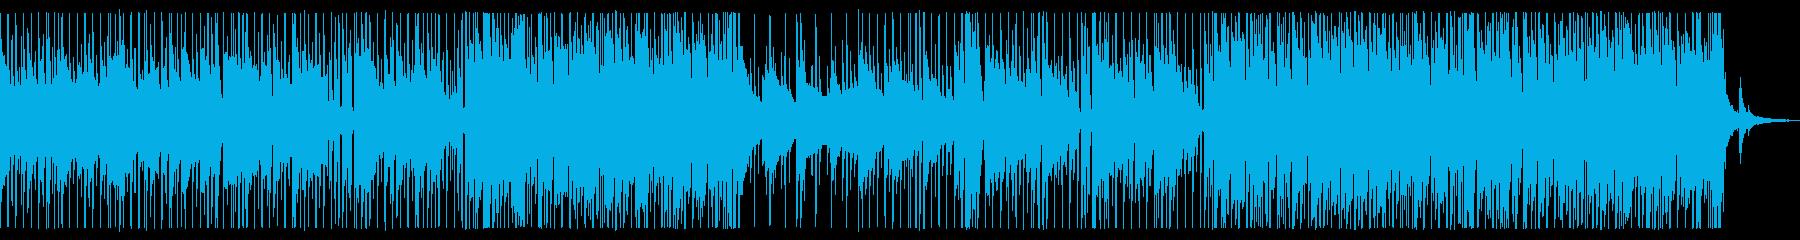 煌びやか/夜景/ディスコ_No694_1の再生済みの波形